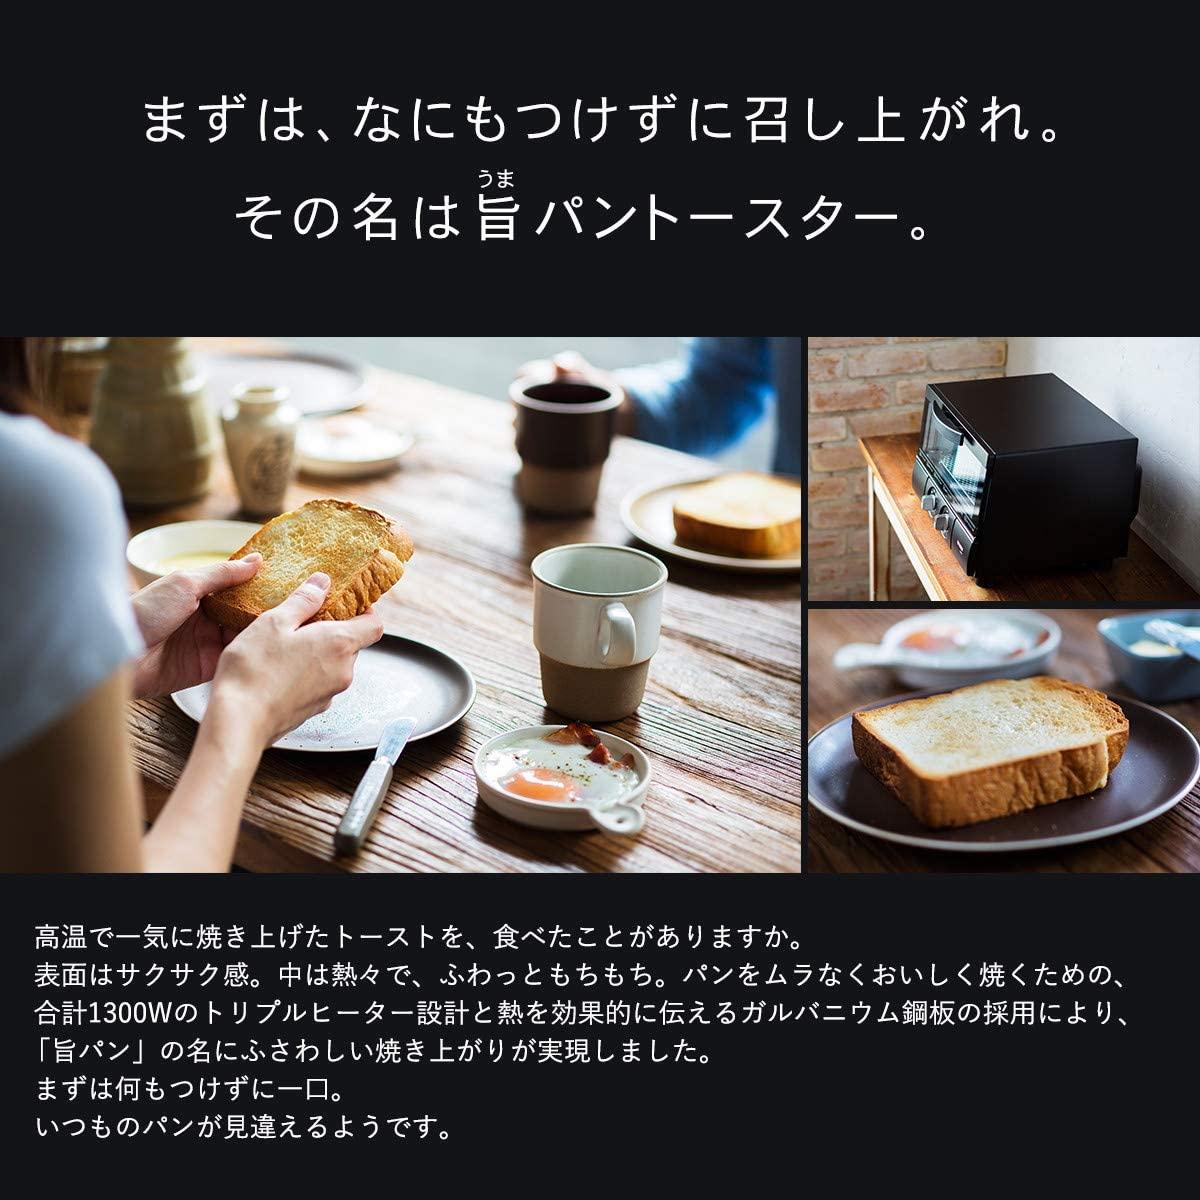 タイガー魔法瓶(たいがーまほうびん)オーブントースターKAE-G13Nの商品画像3